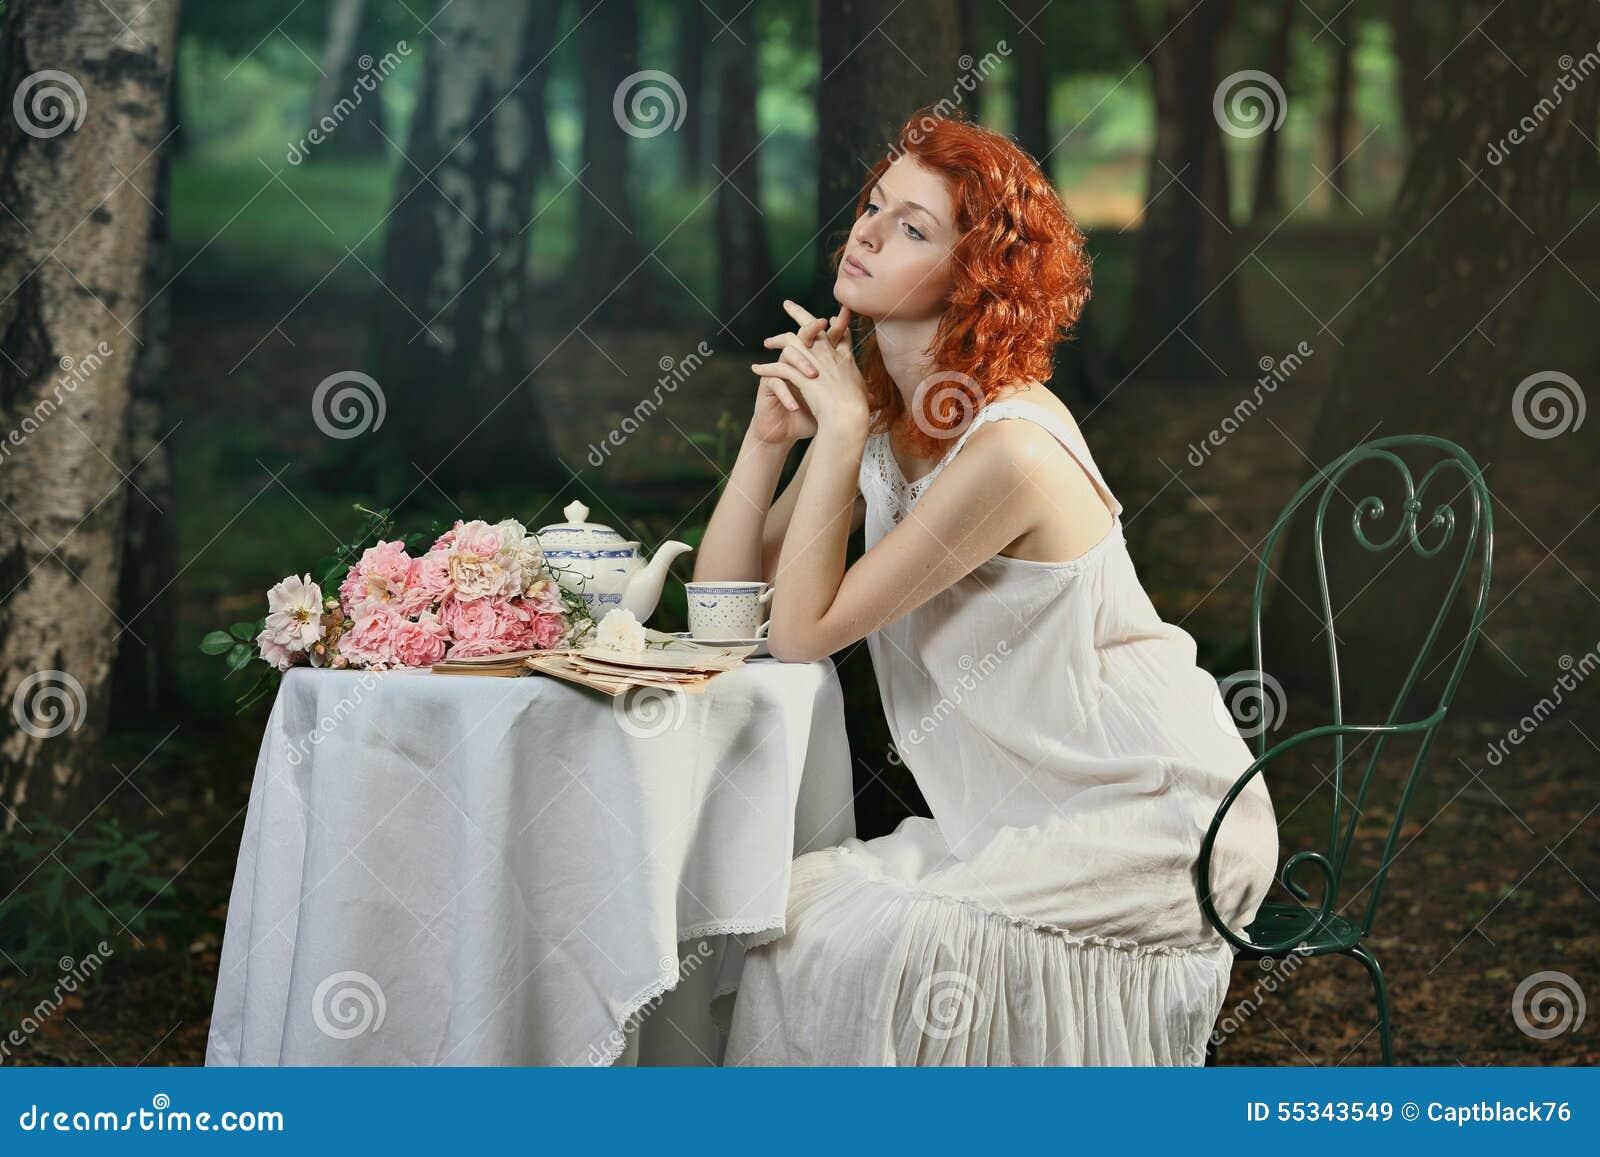 Piękna rudzielec kobieta ma herbaty w lesie